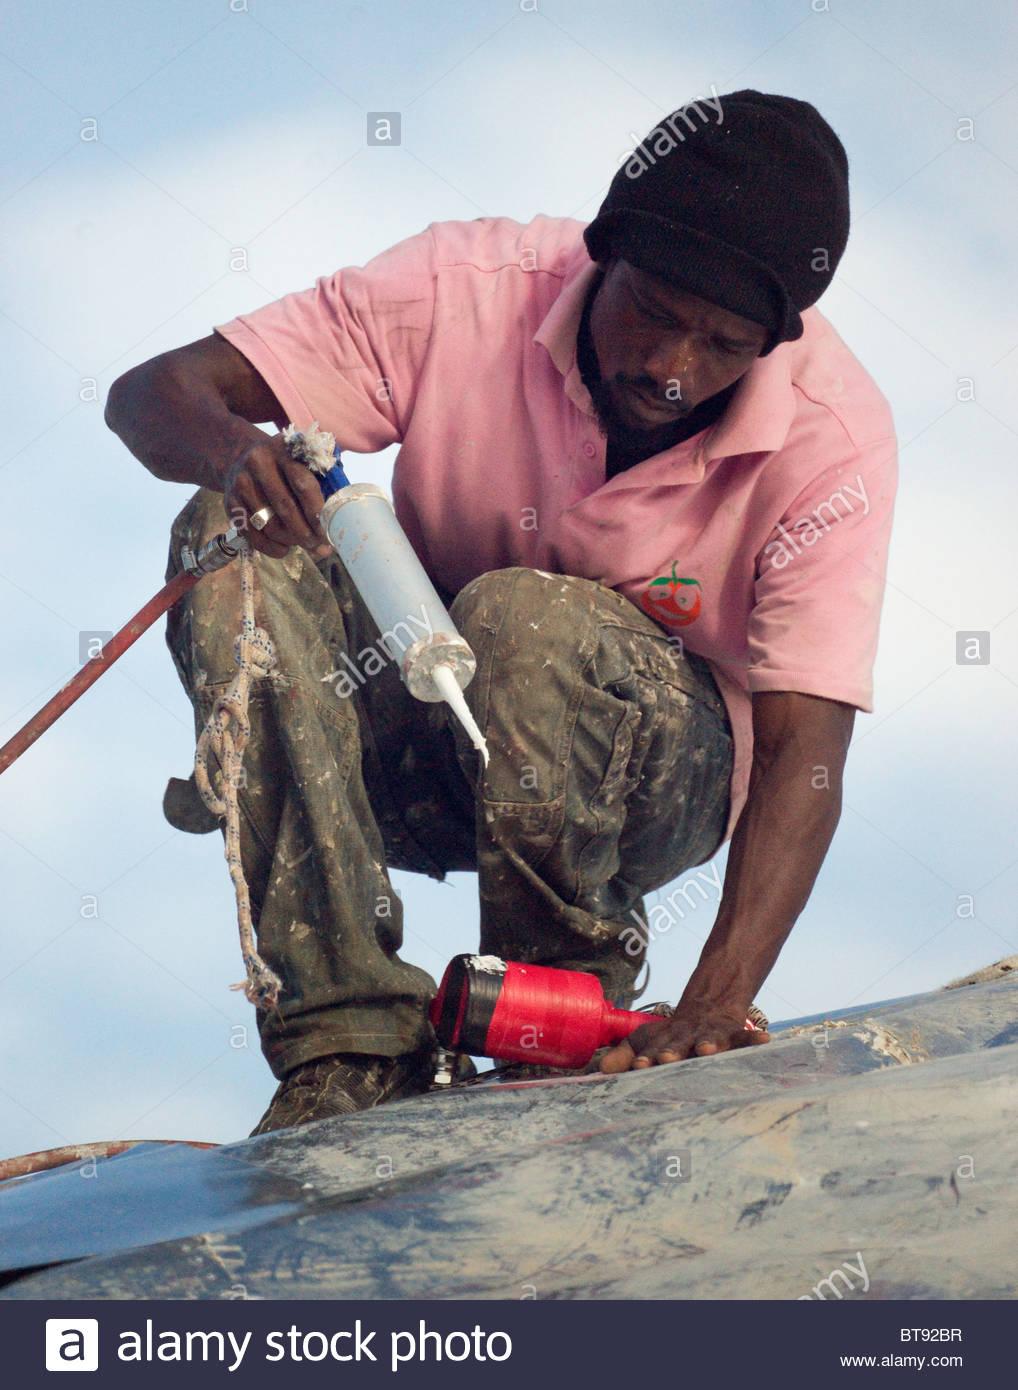 afrikanische gastarbeiter mit druckluft-hydraulik werkzeuge auf dem